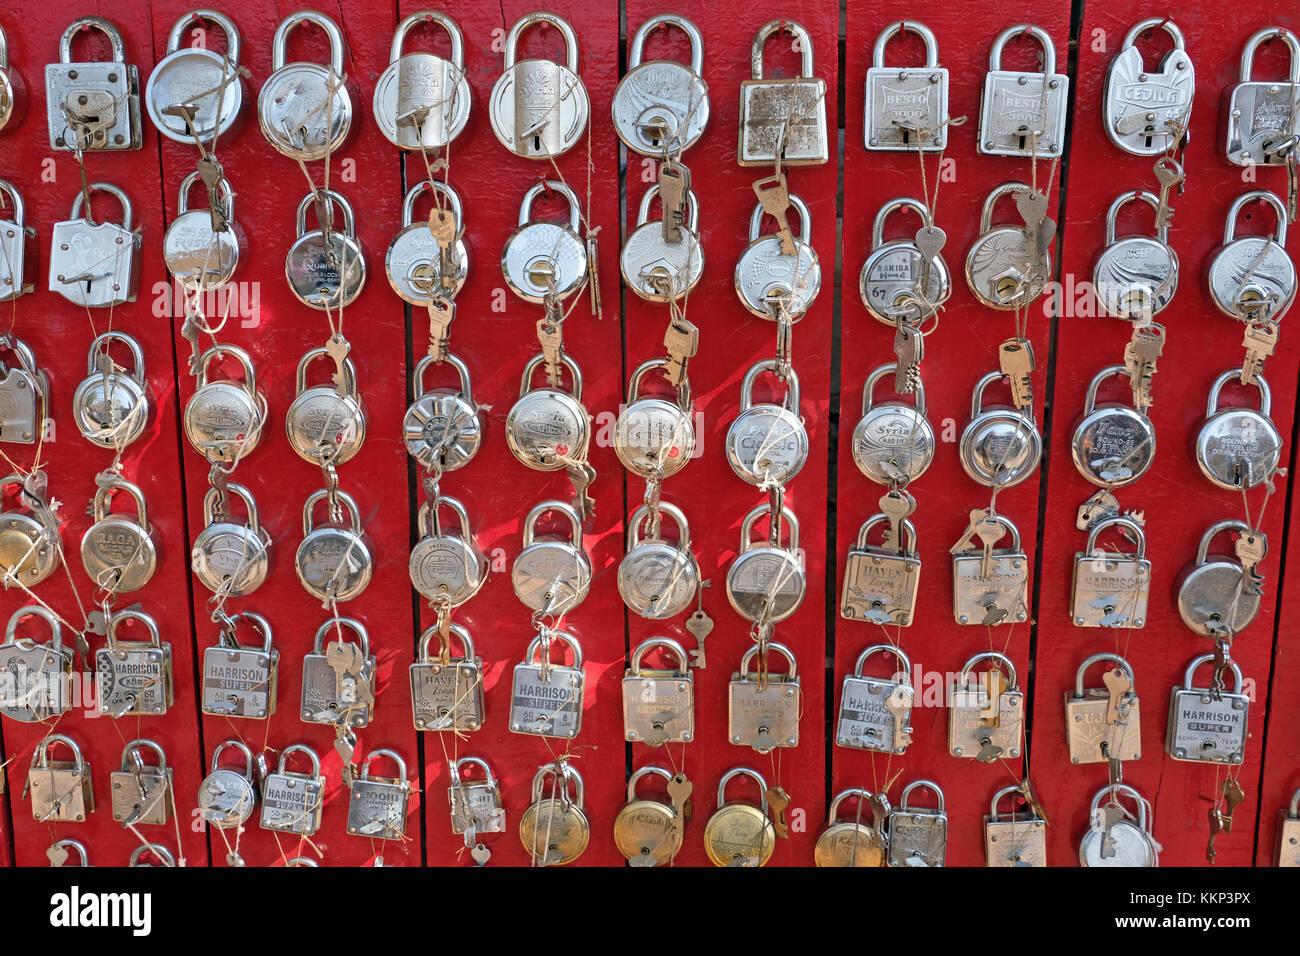 Un affichage d'écluses / cadenas dans un marché, de l'Inde Photo Stock